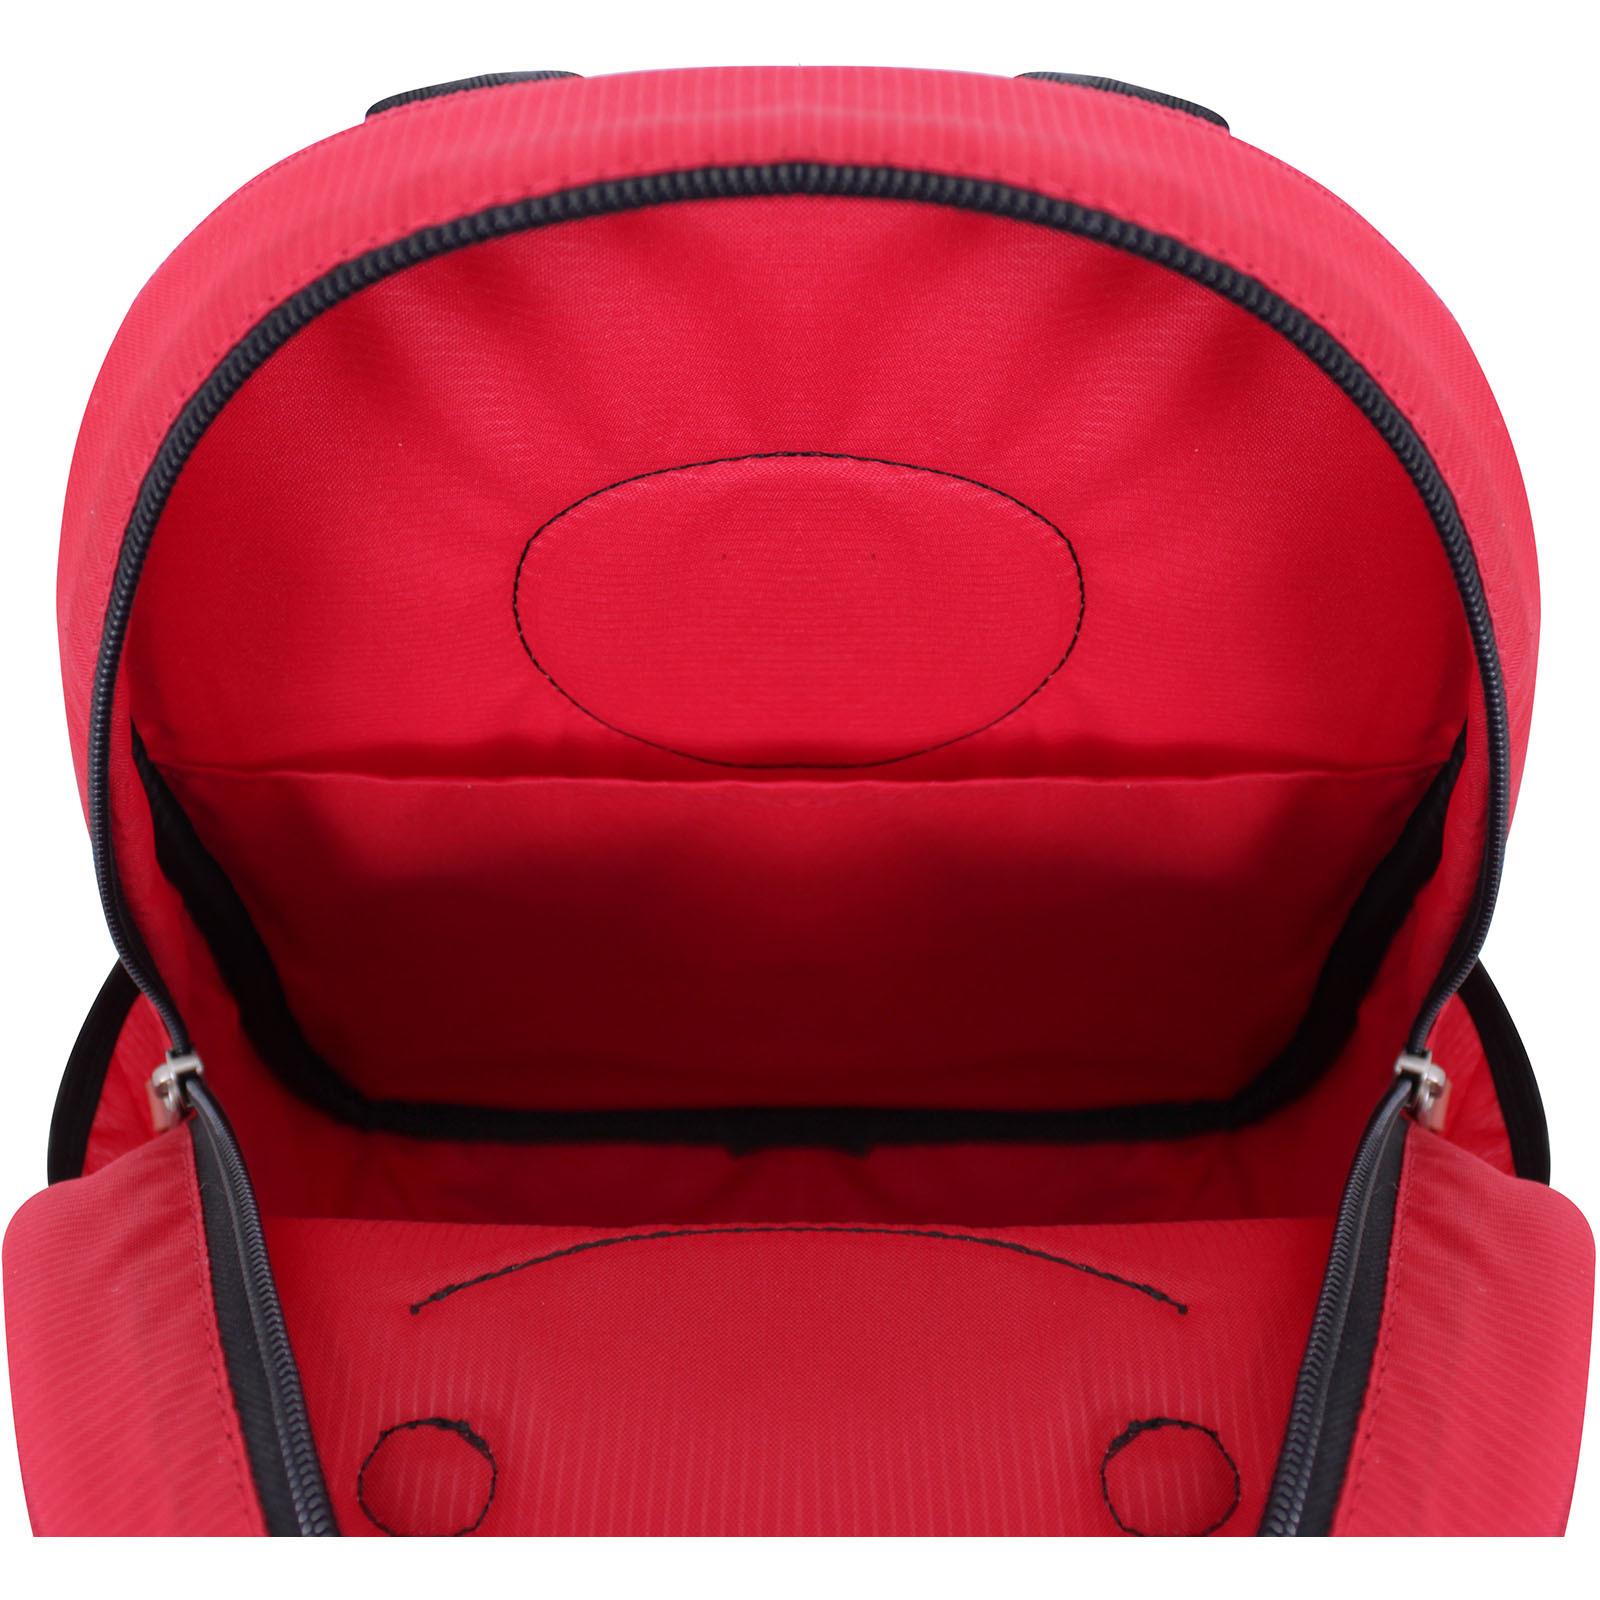 Рюкзак Bagland Bee 5 л. Красный (0052115) фото 4